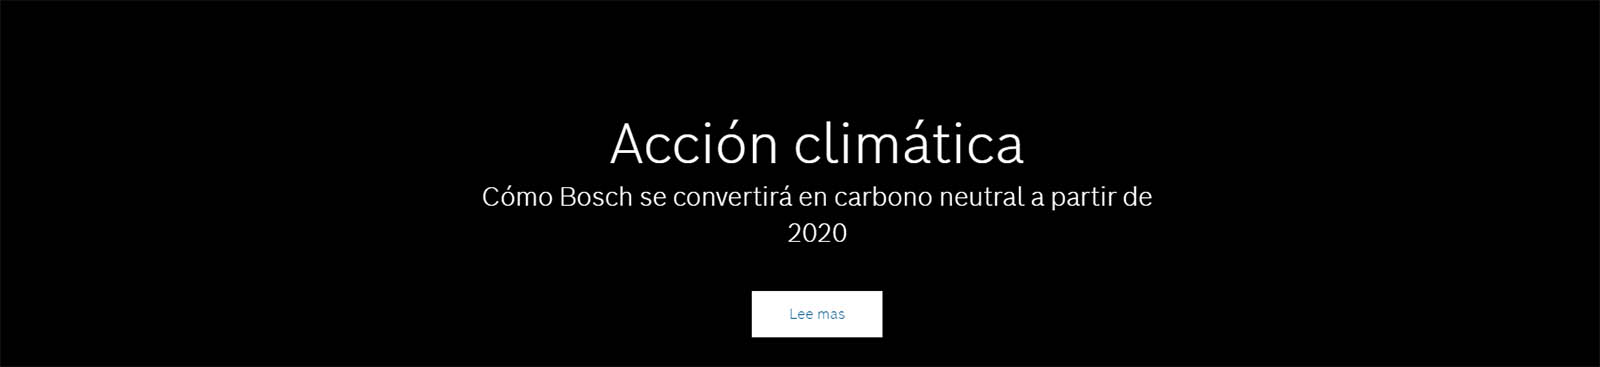 Cómo Bosch se convertirá en carbono neutral a partir de 2020